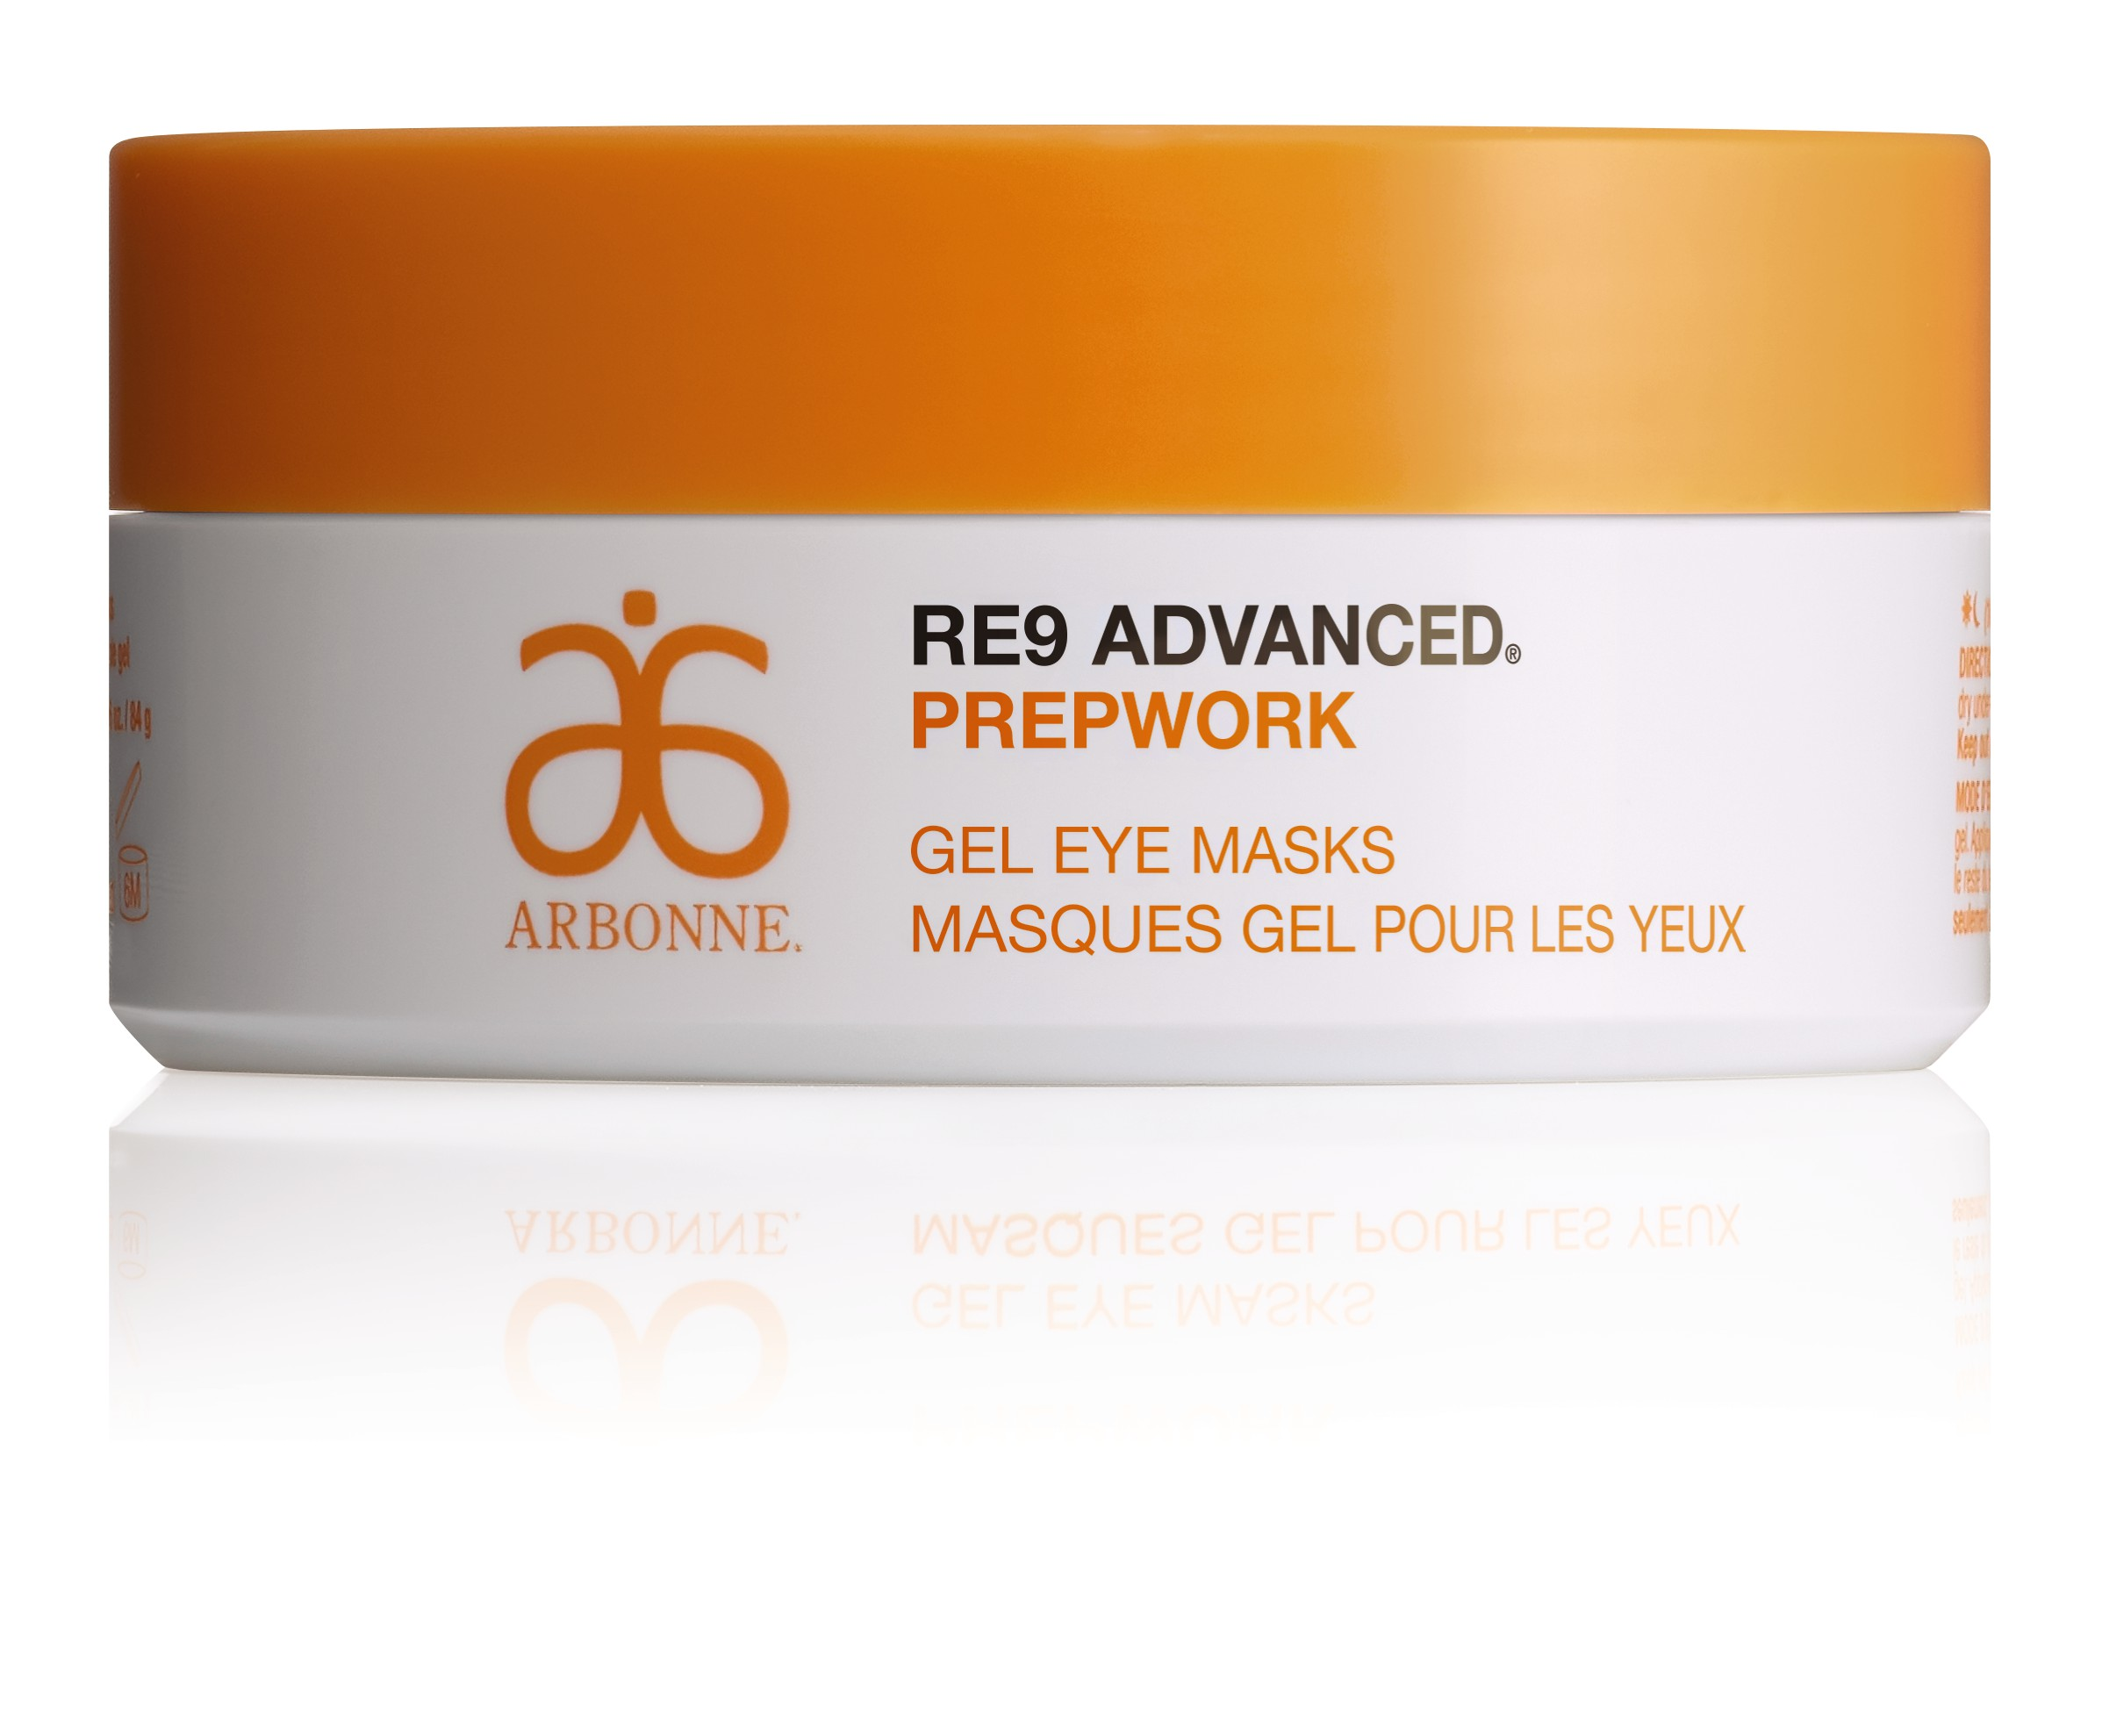 Arbonne RE9 Advanced Prepwork Gel Eye Masks.jpg